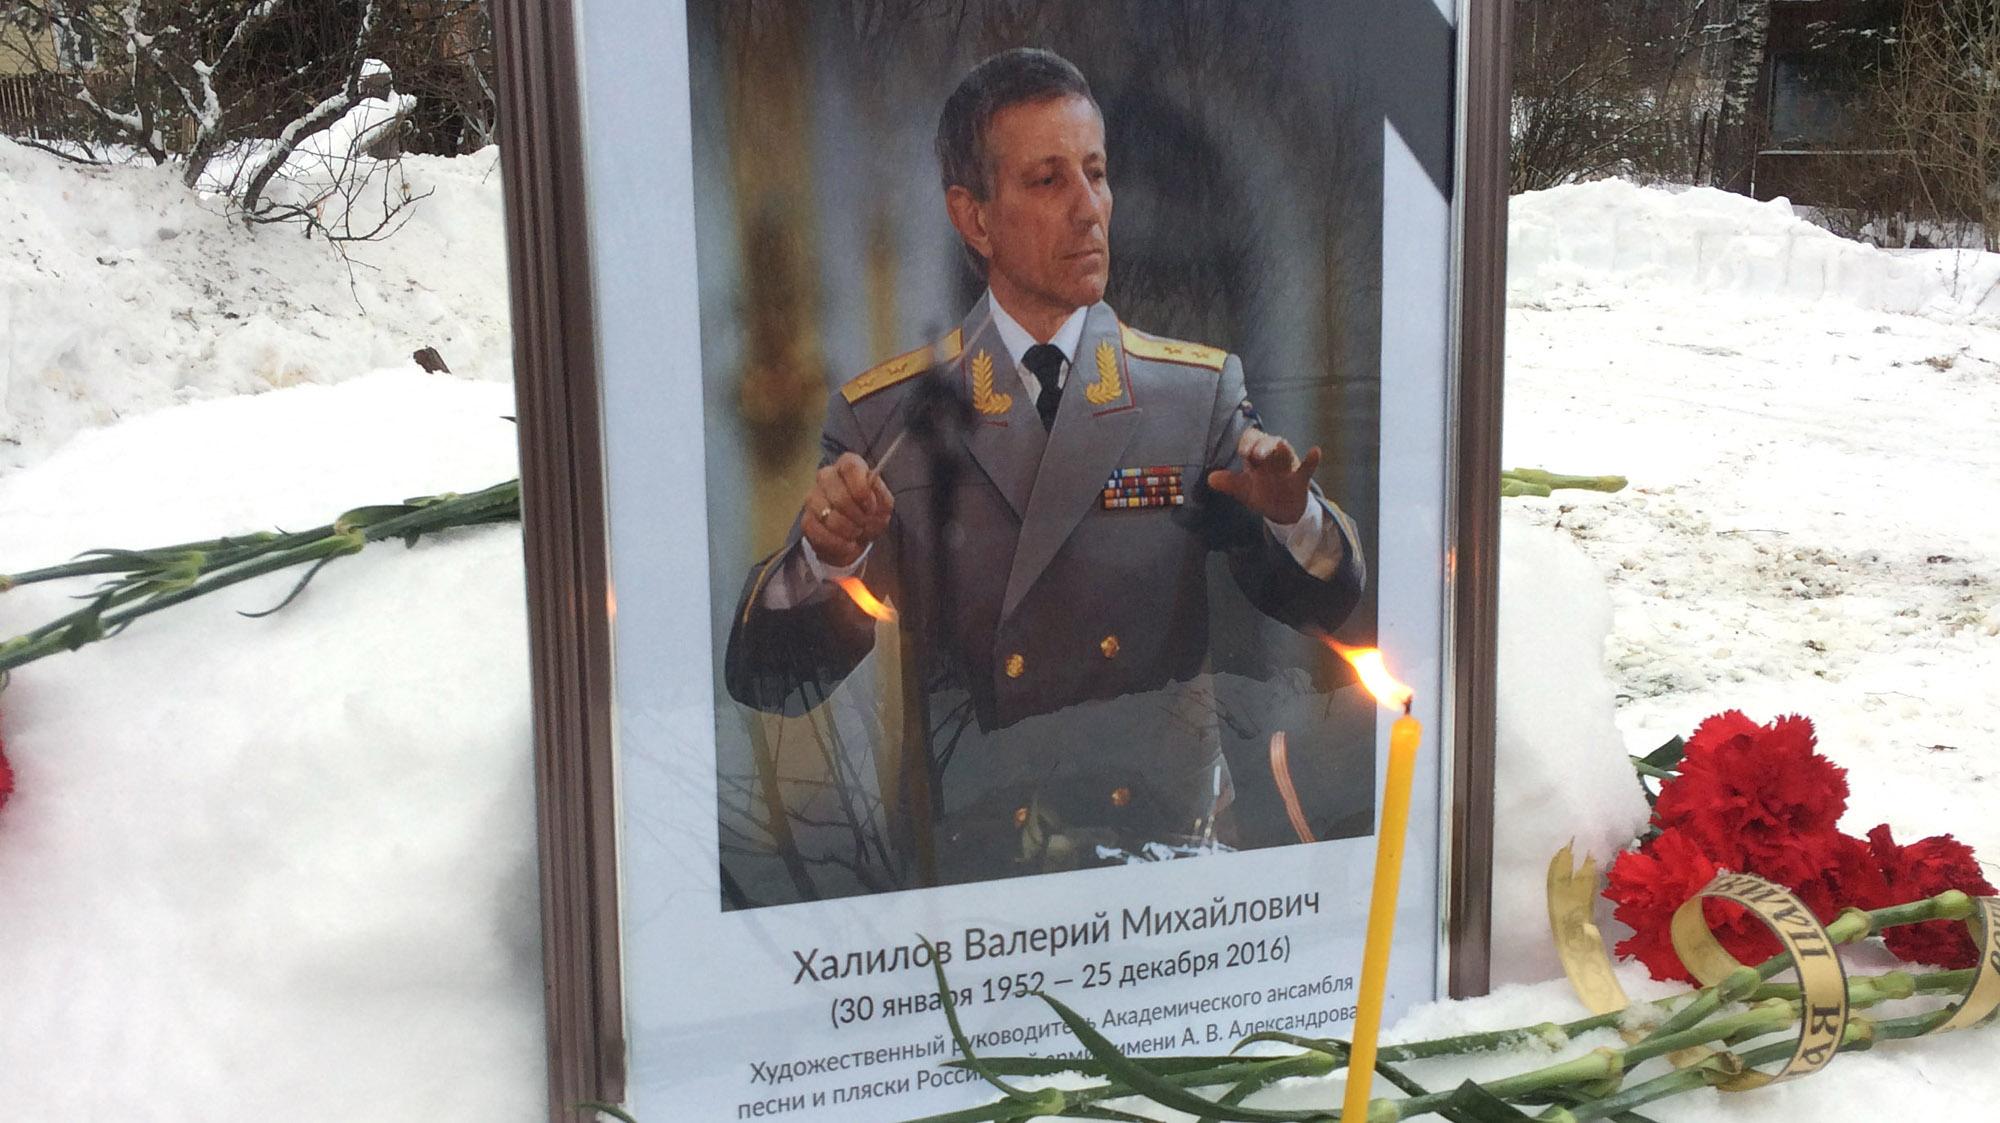 ВКиржаче появится улица впамять оВалерии Халилове